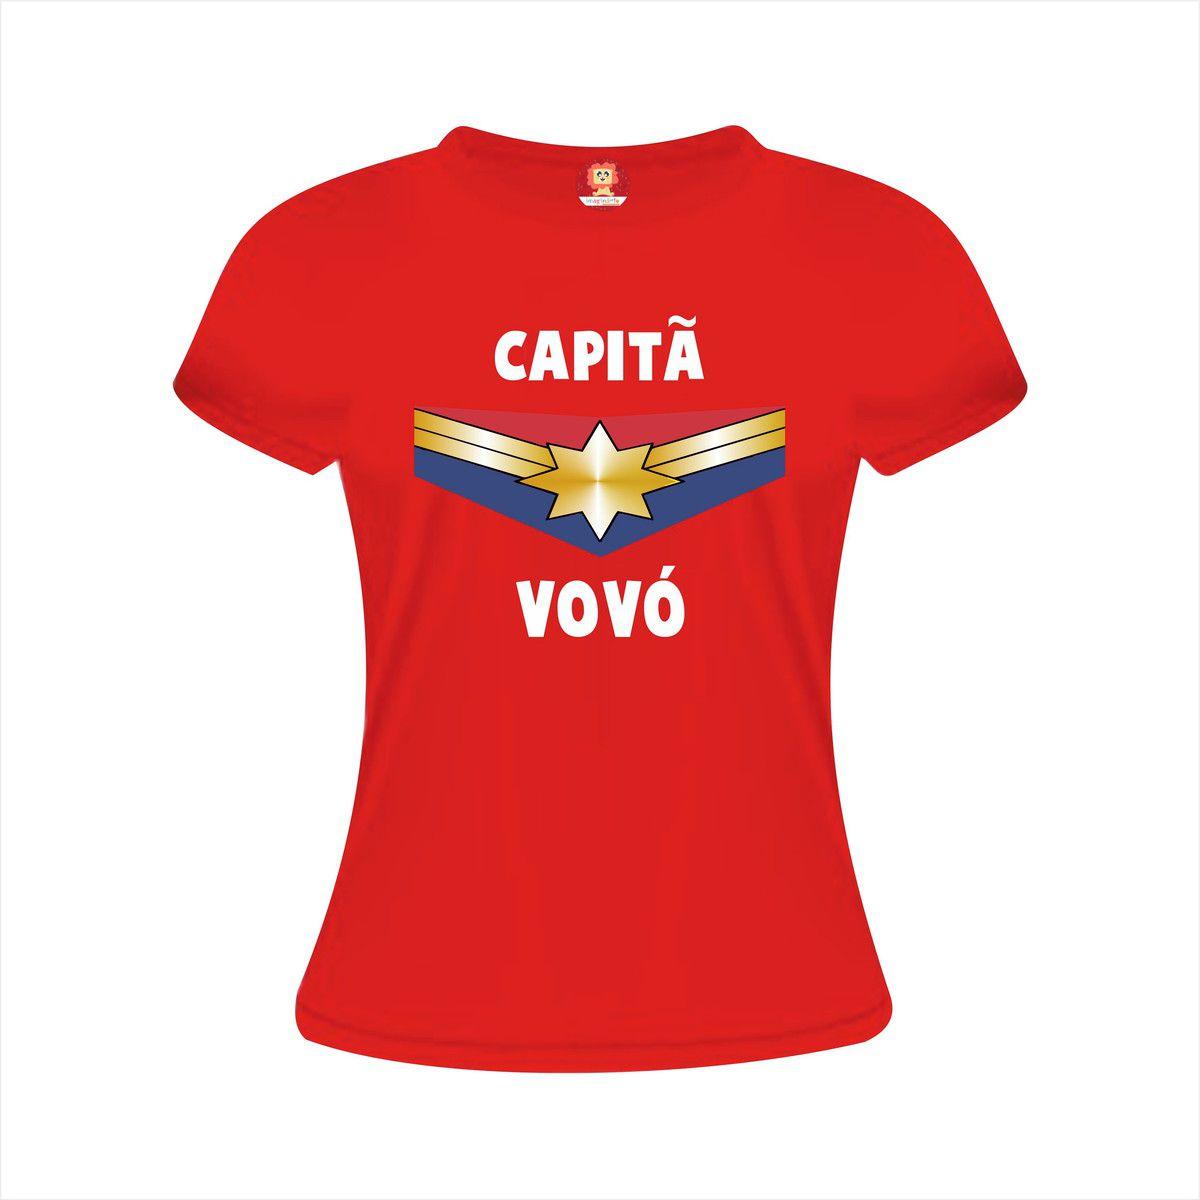 Camiseta Capitã Vovó